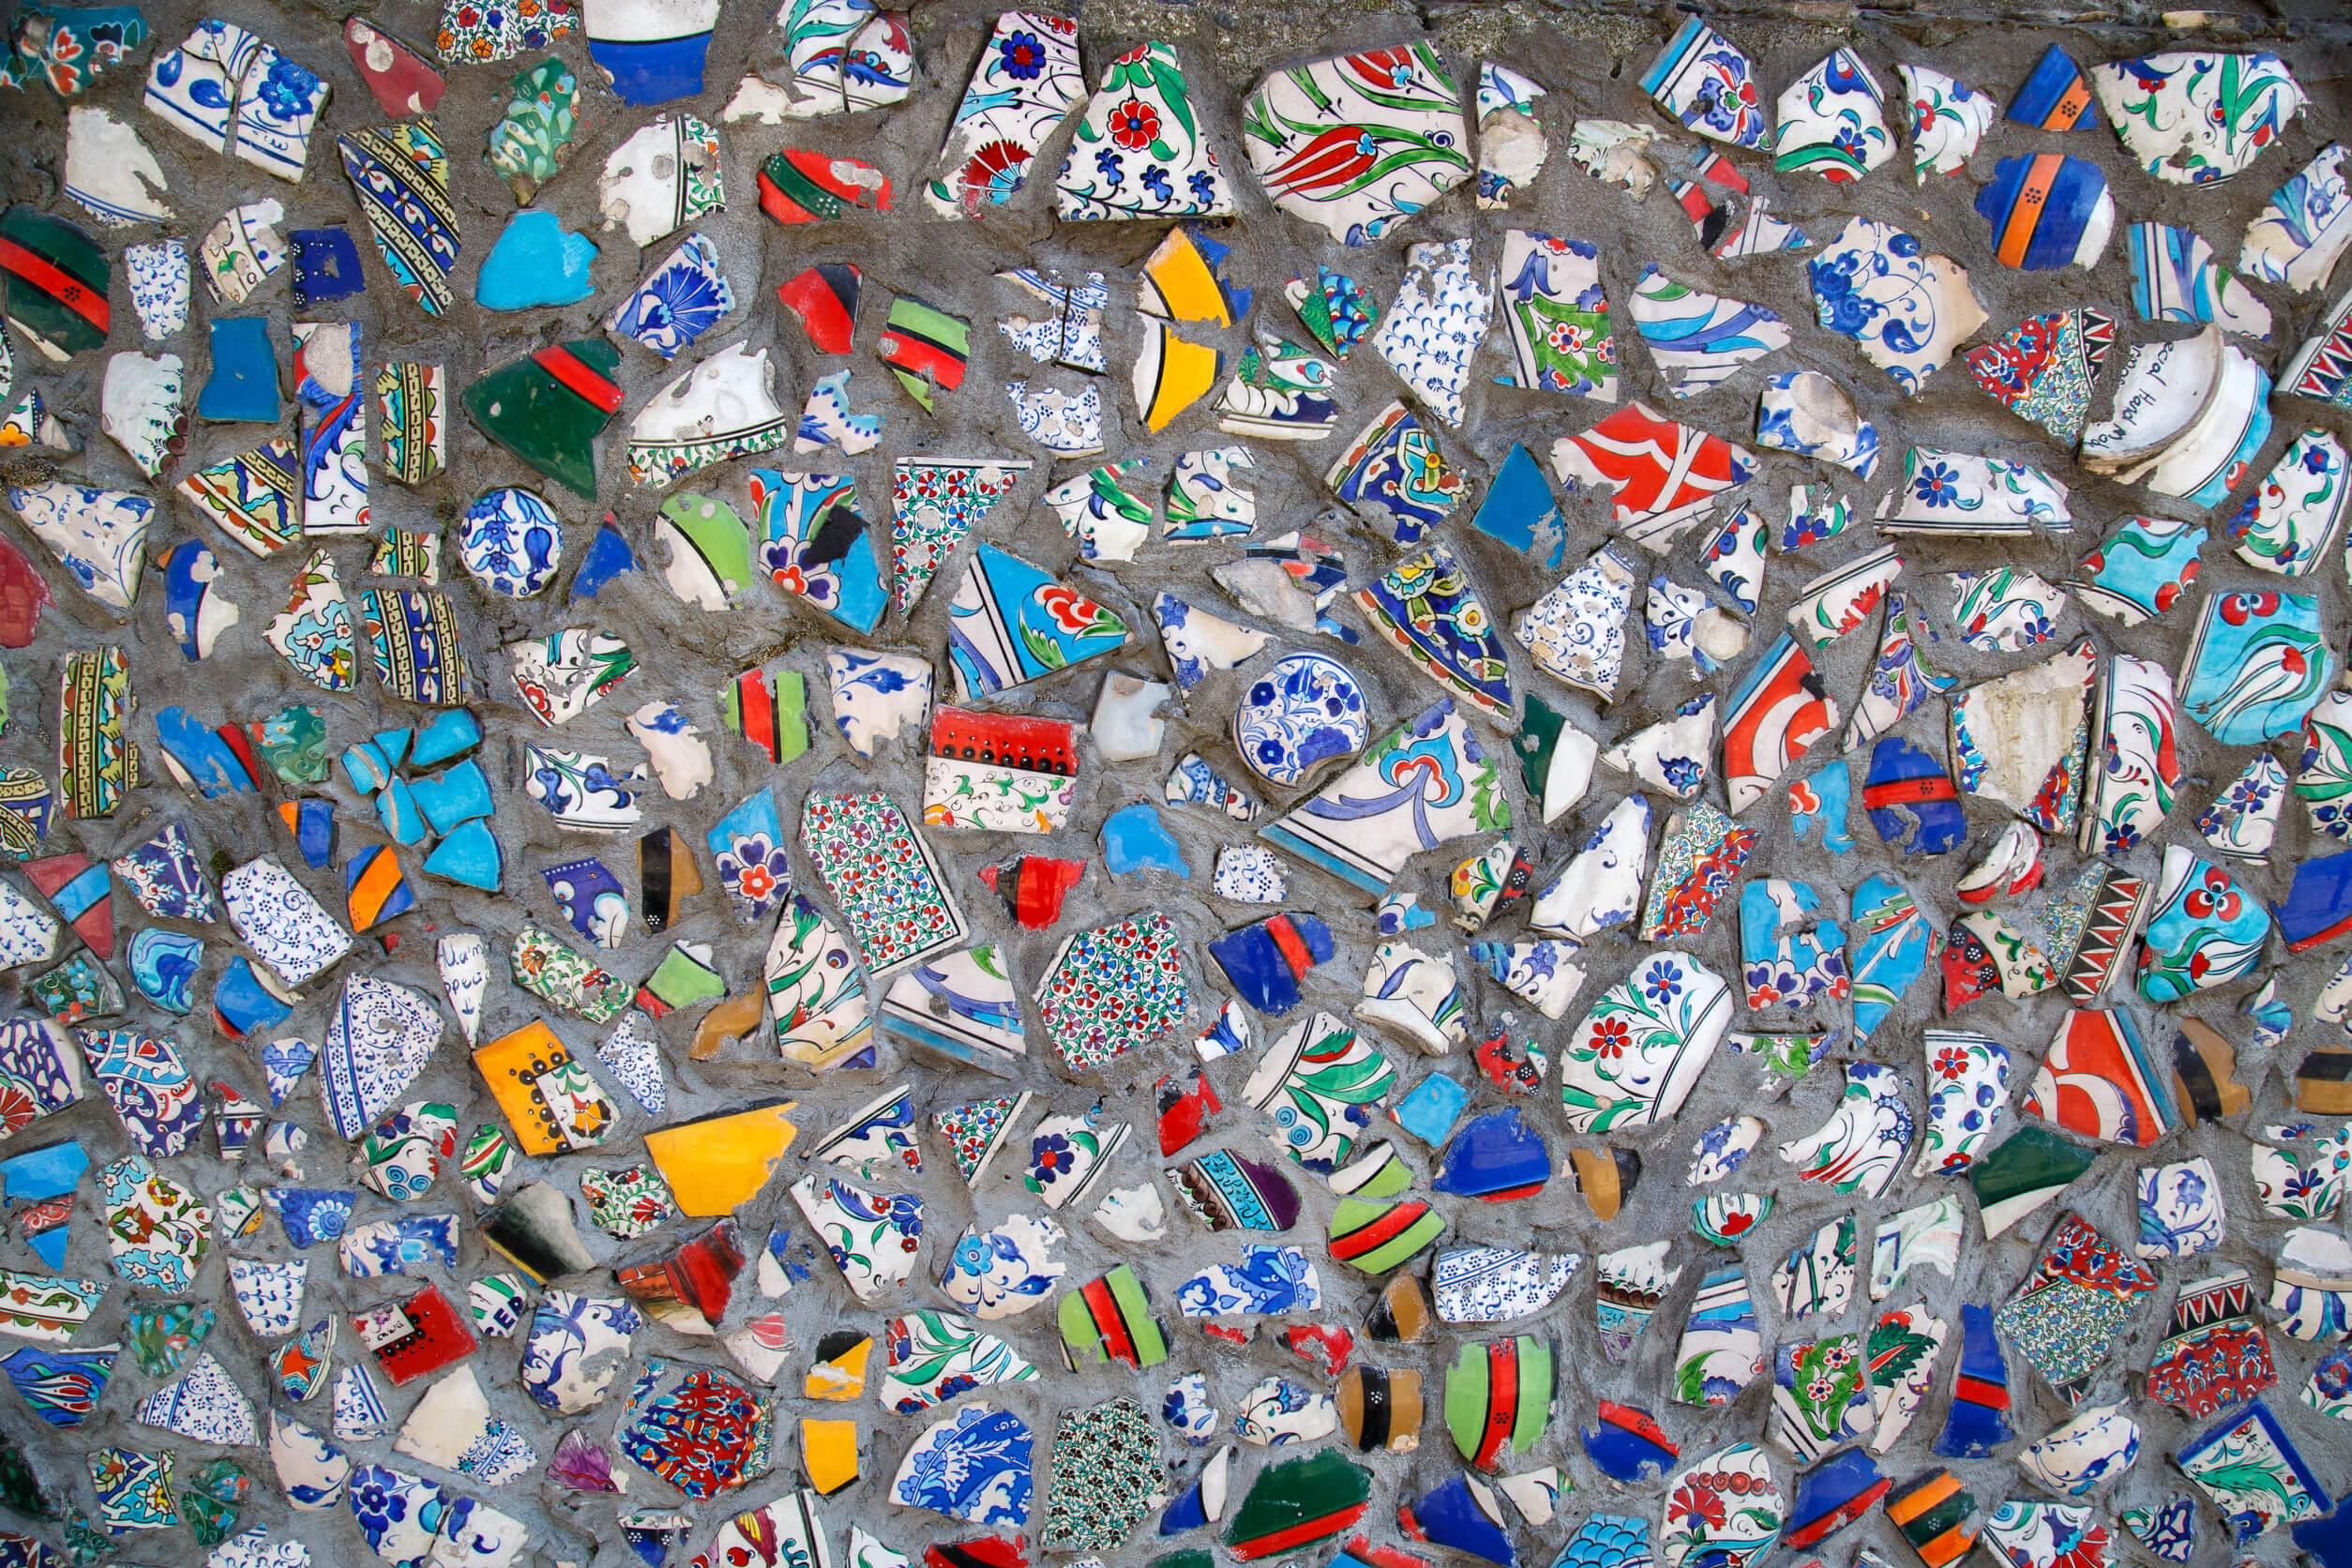 Mural de platos rotos